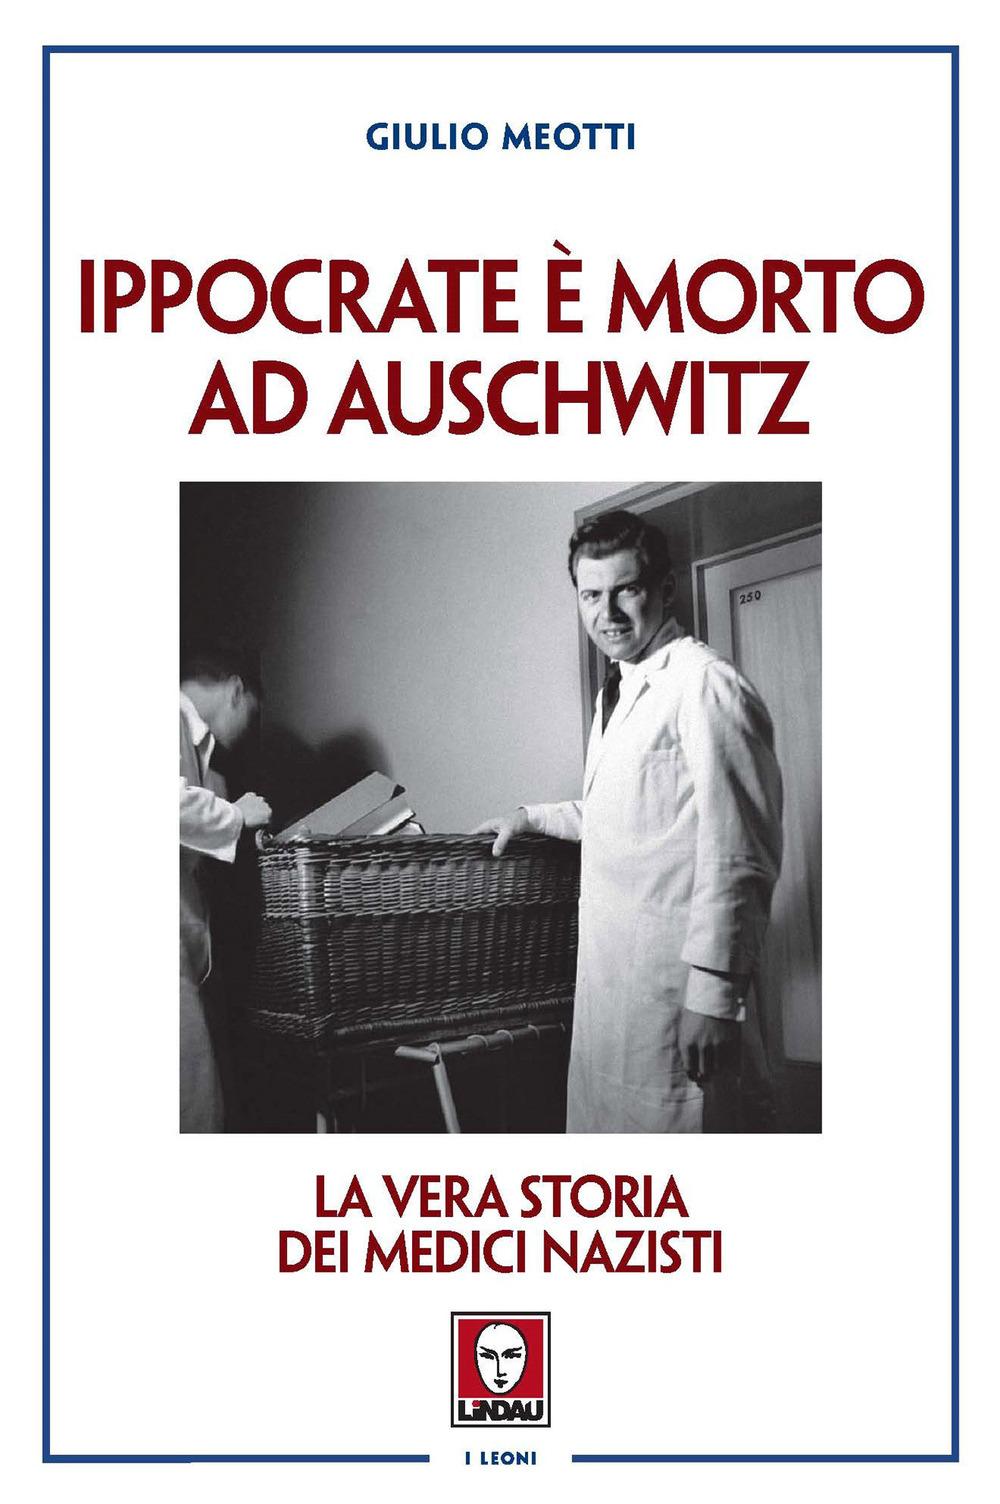 IPPOCRATE È MORTO AD AUSCHWITZ. LA VERA STORIA DEI MEDICI NAZISTI - Meotti Giulio - 9788833535241